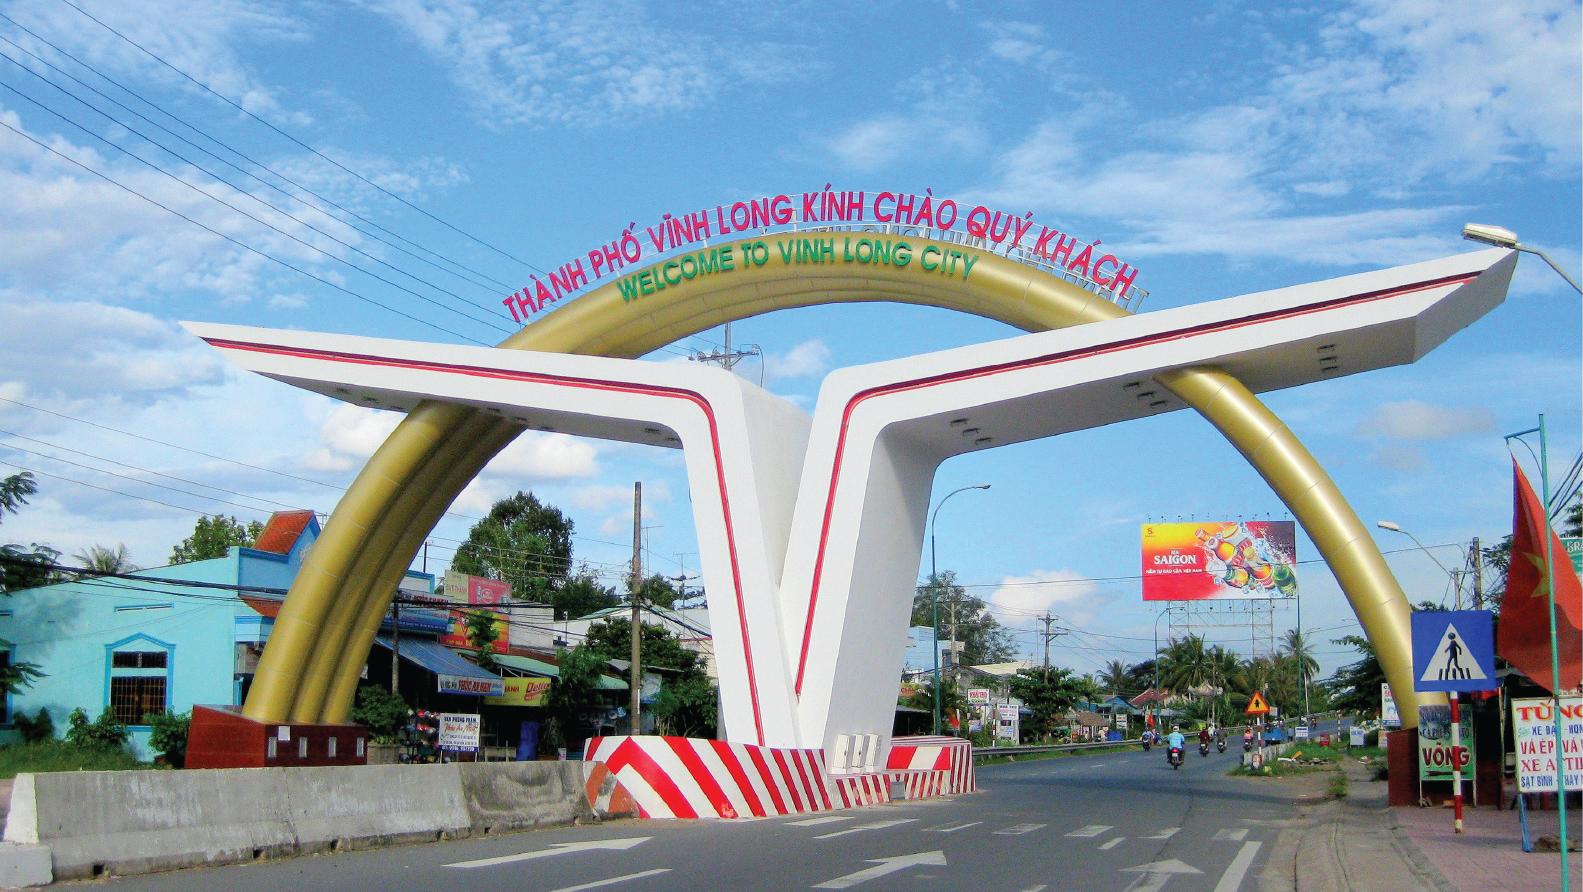 UBND TP. Vĩnh Long làm việc với Asia Investment Group